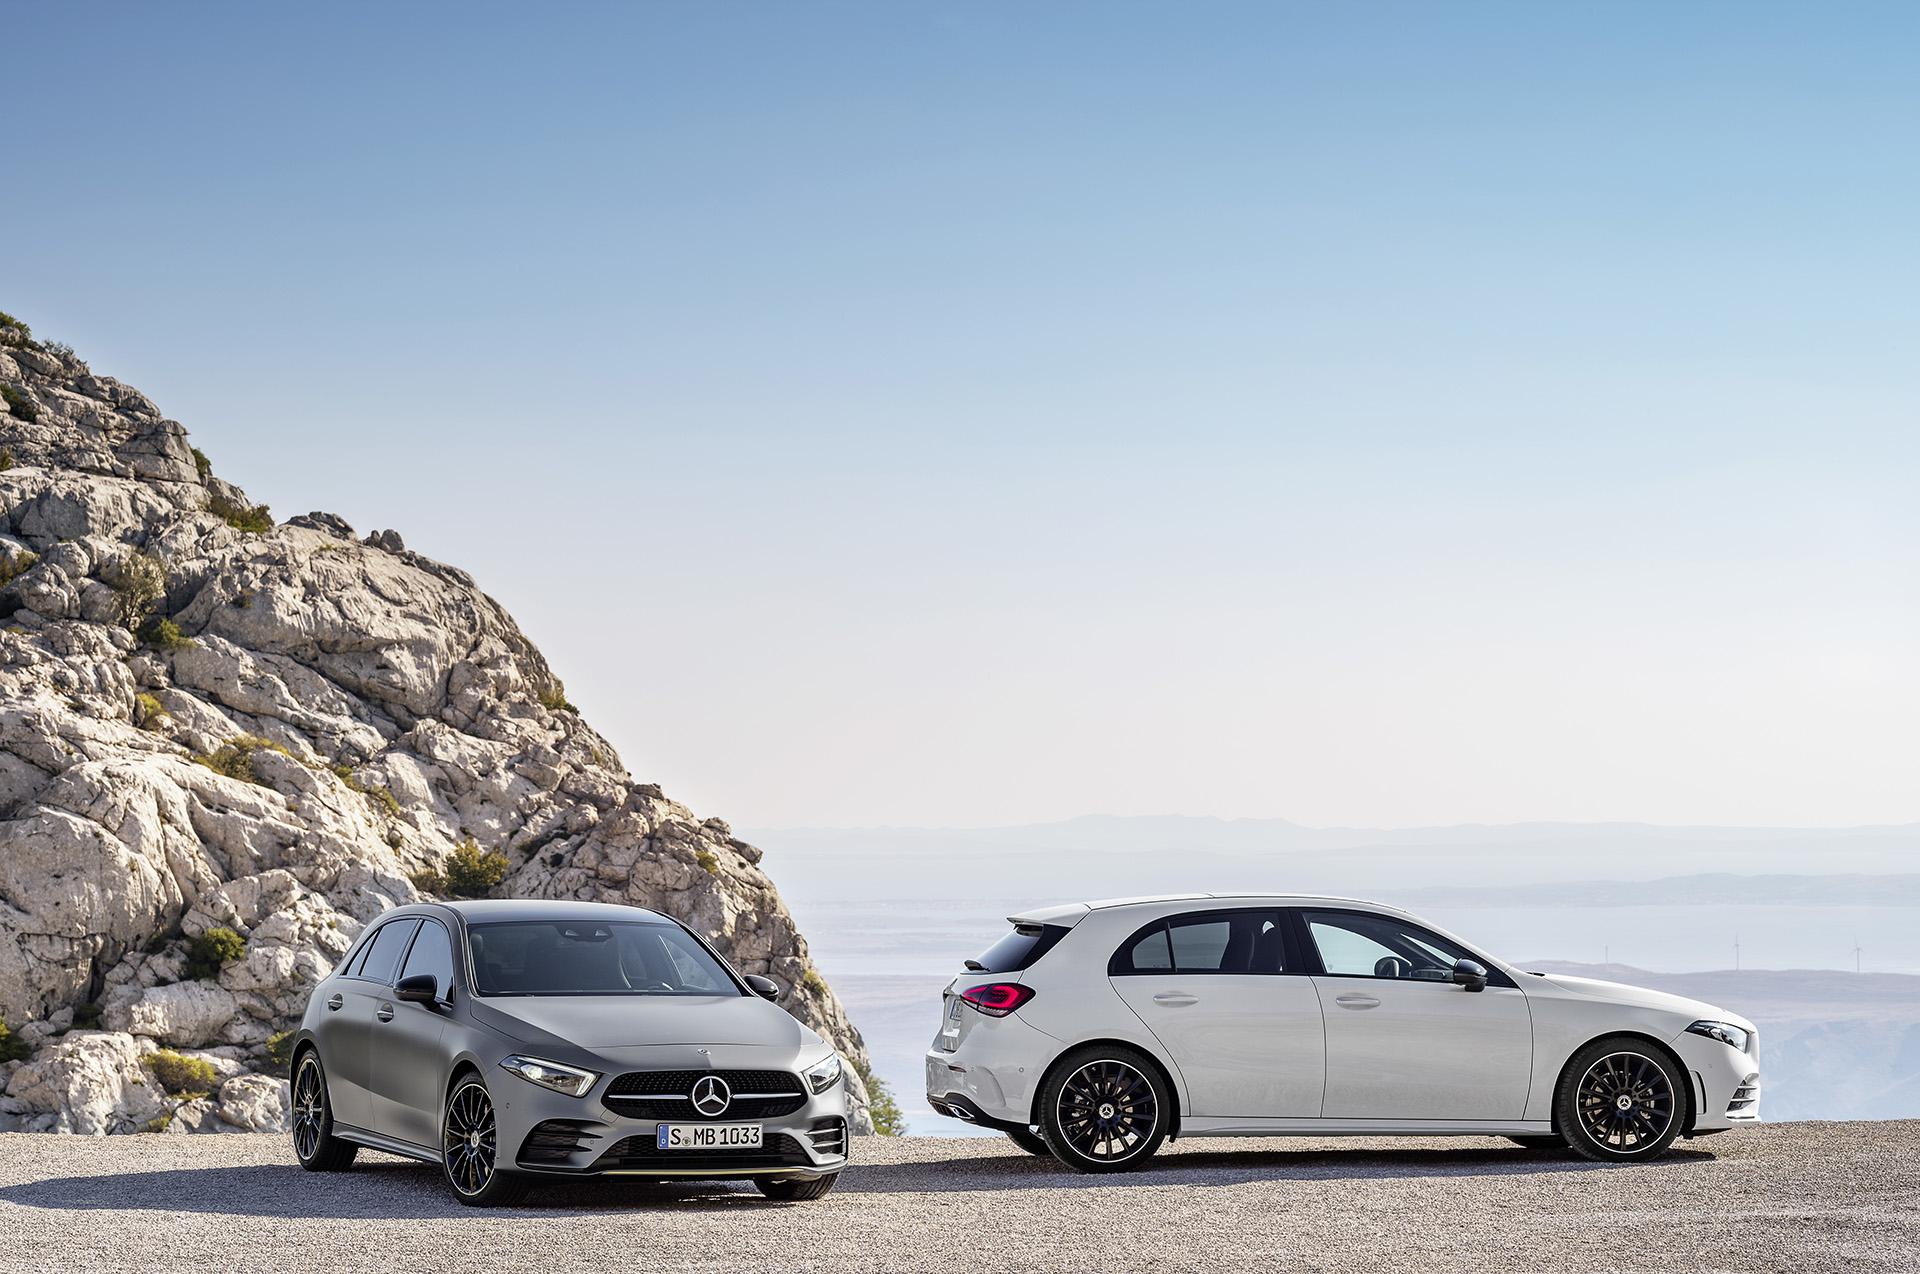 Mercedes-Benz Classe A e Classe A Edition 1